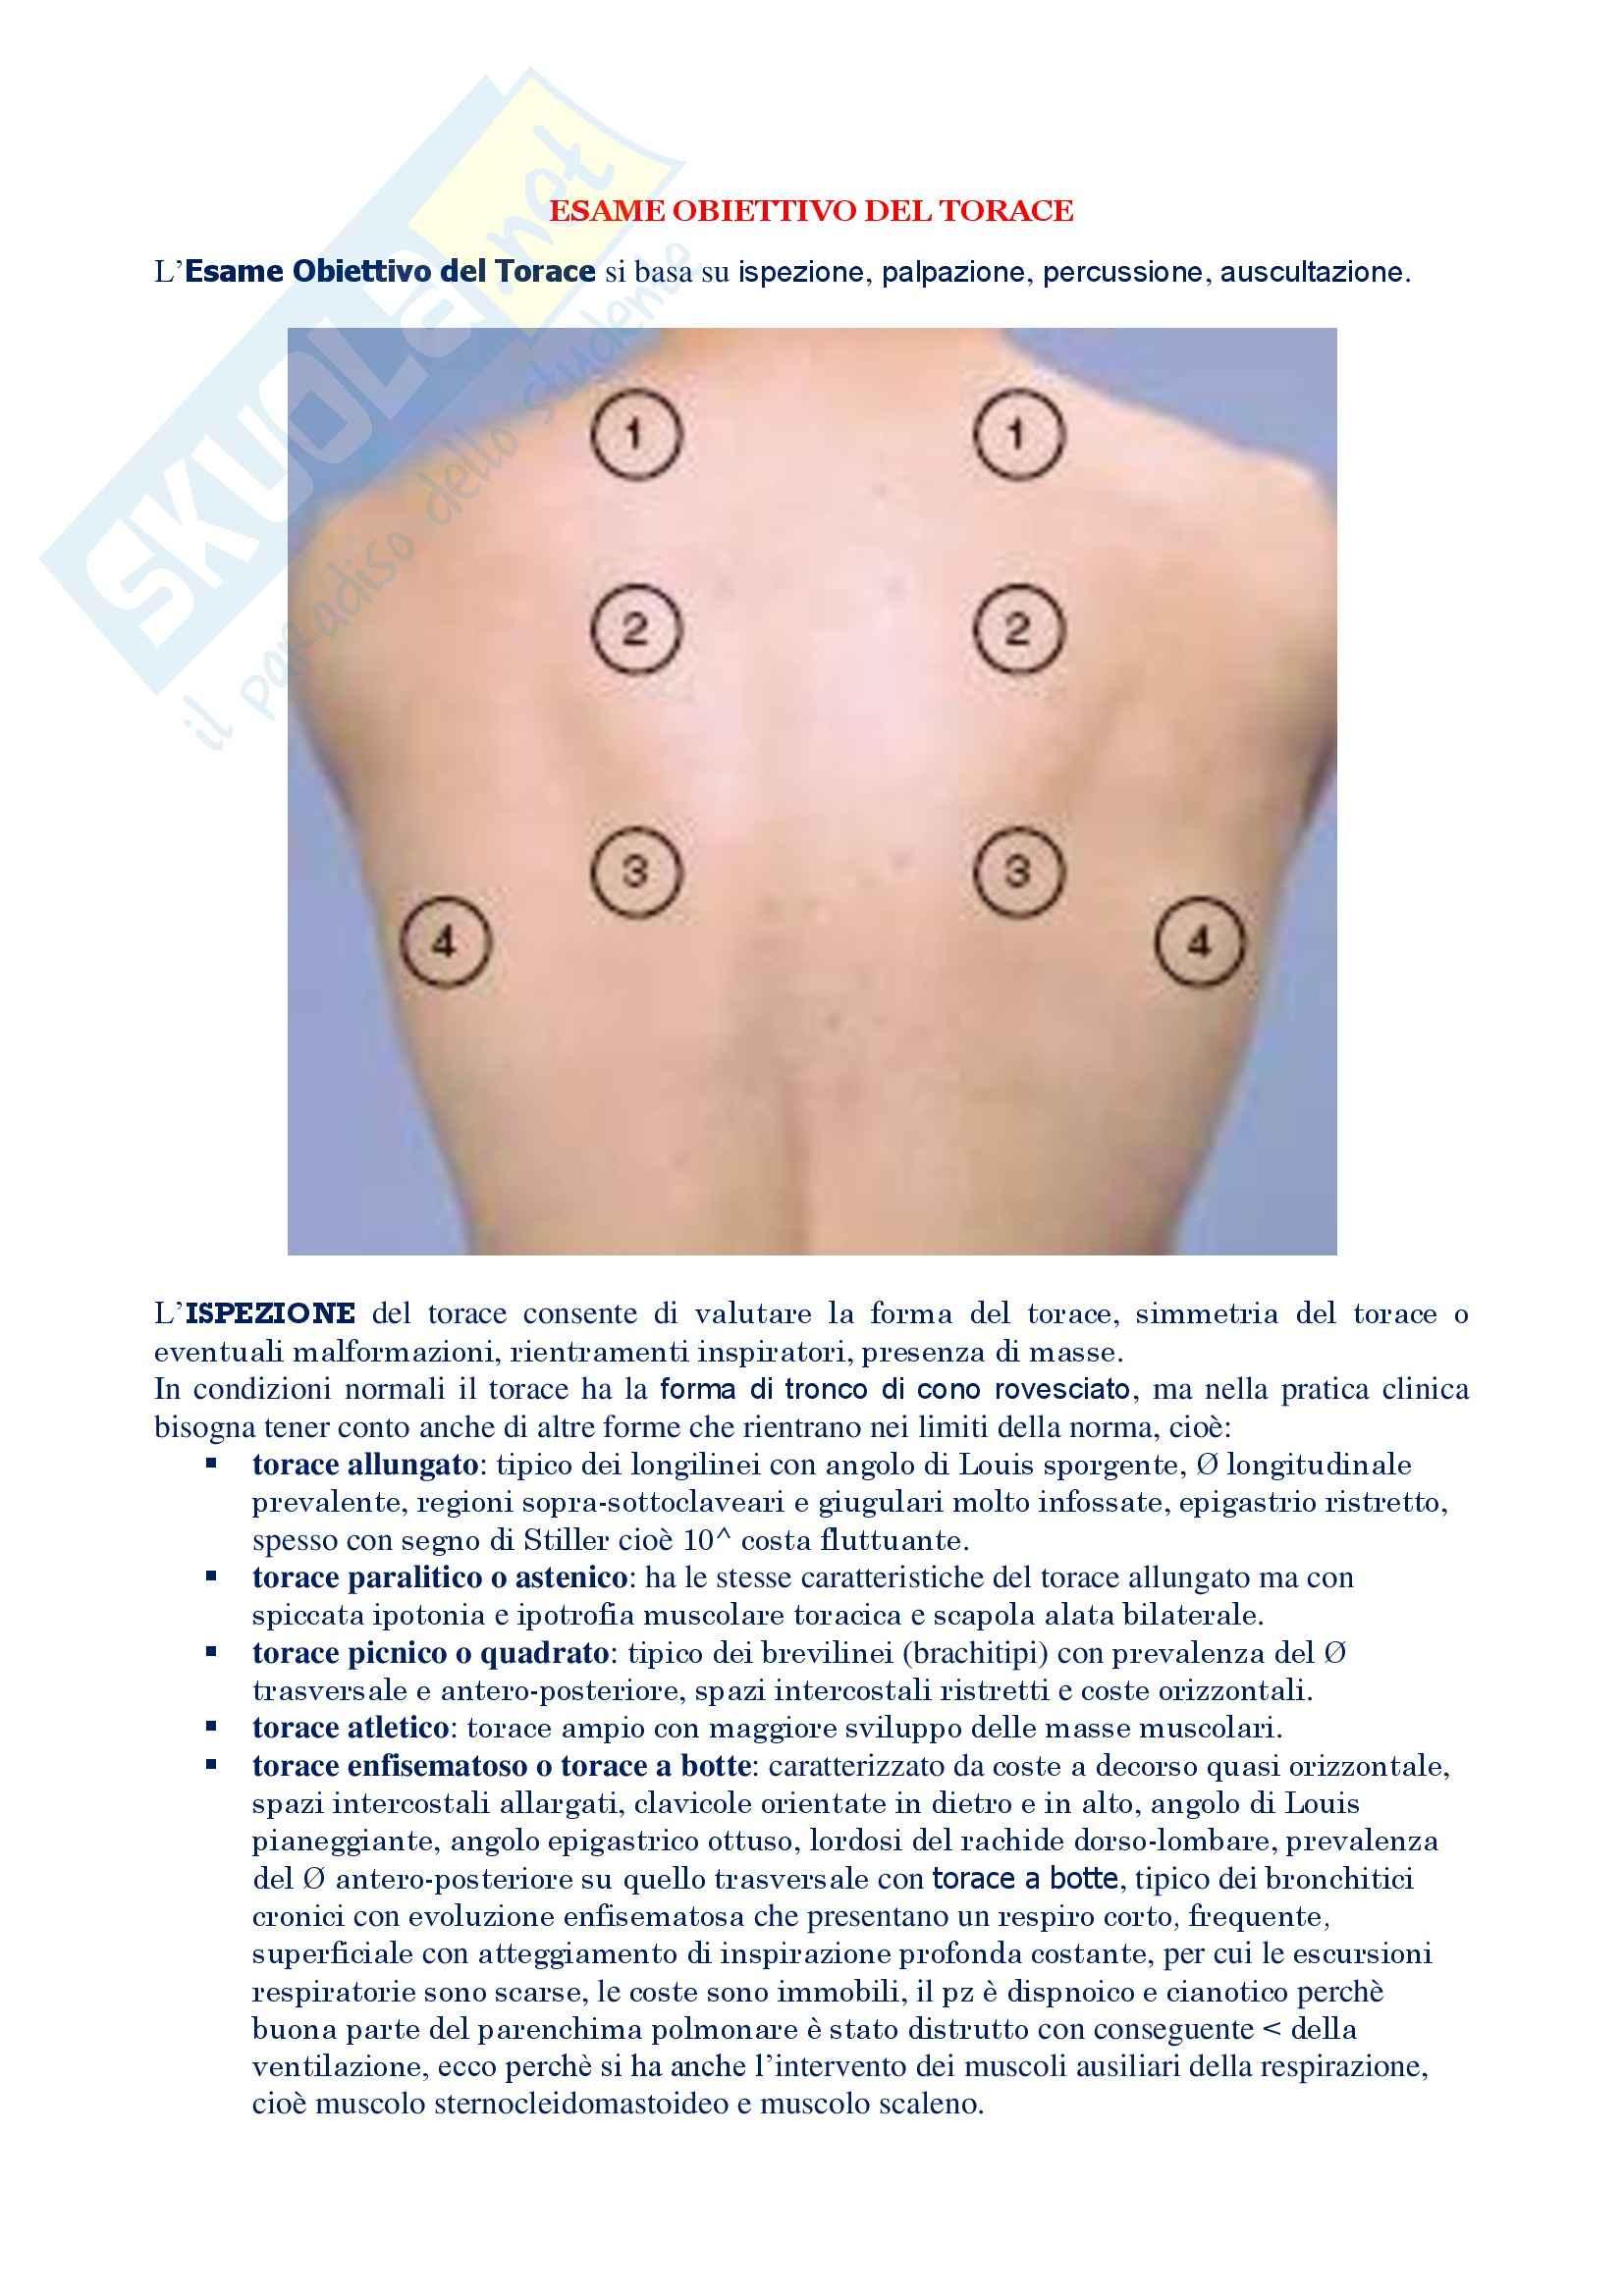 Malattie dell'apparato respiratorio - esame obiettivo torace